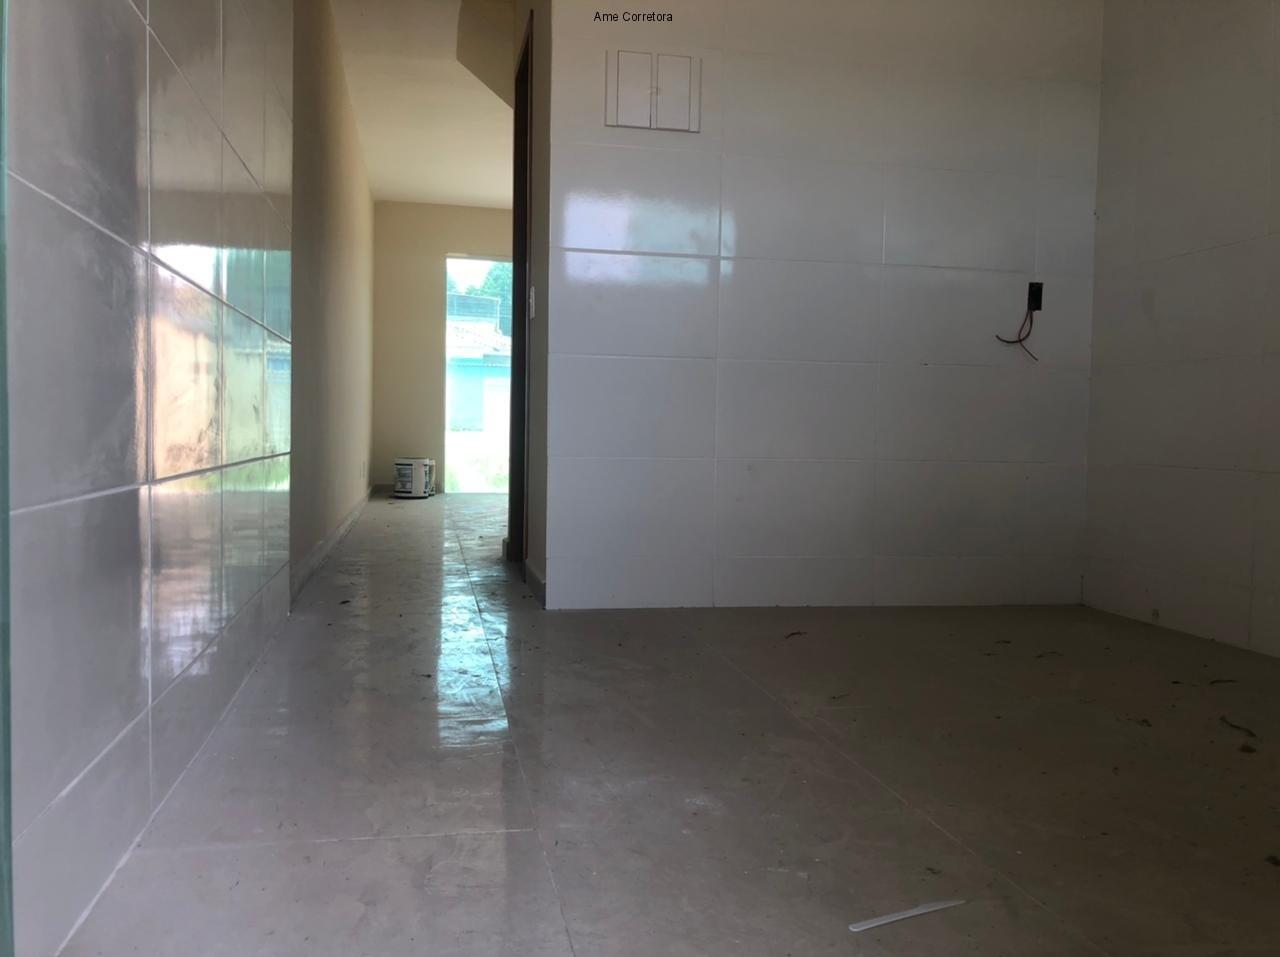 FOTO 06 - Casa 2 quartos à venda Rio de Janeiro,RJ - R$ 220.000 - CA00841 - 7